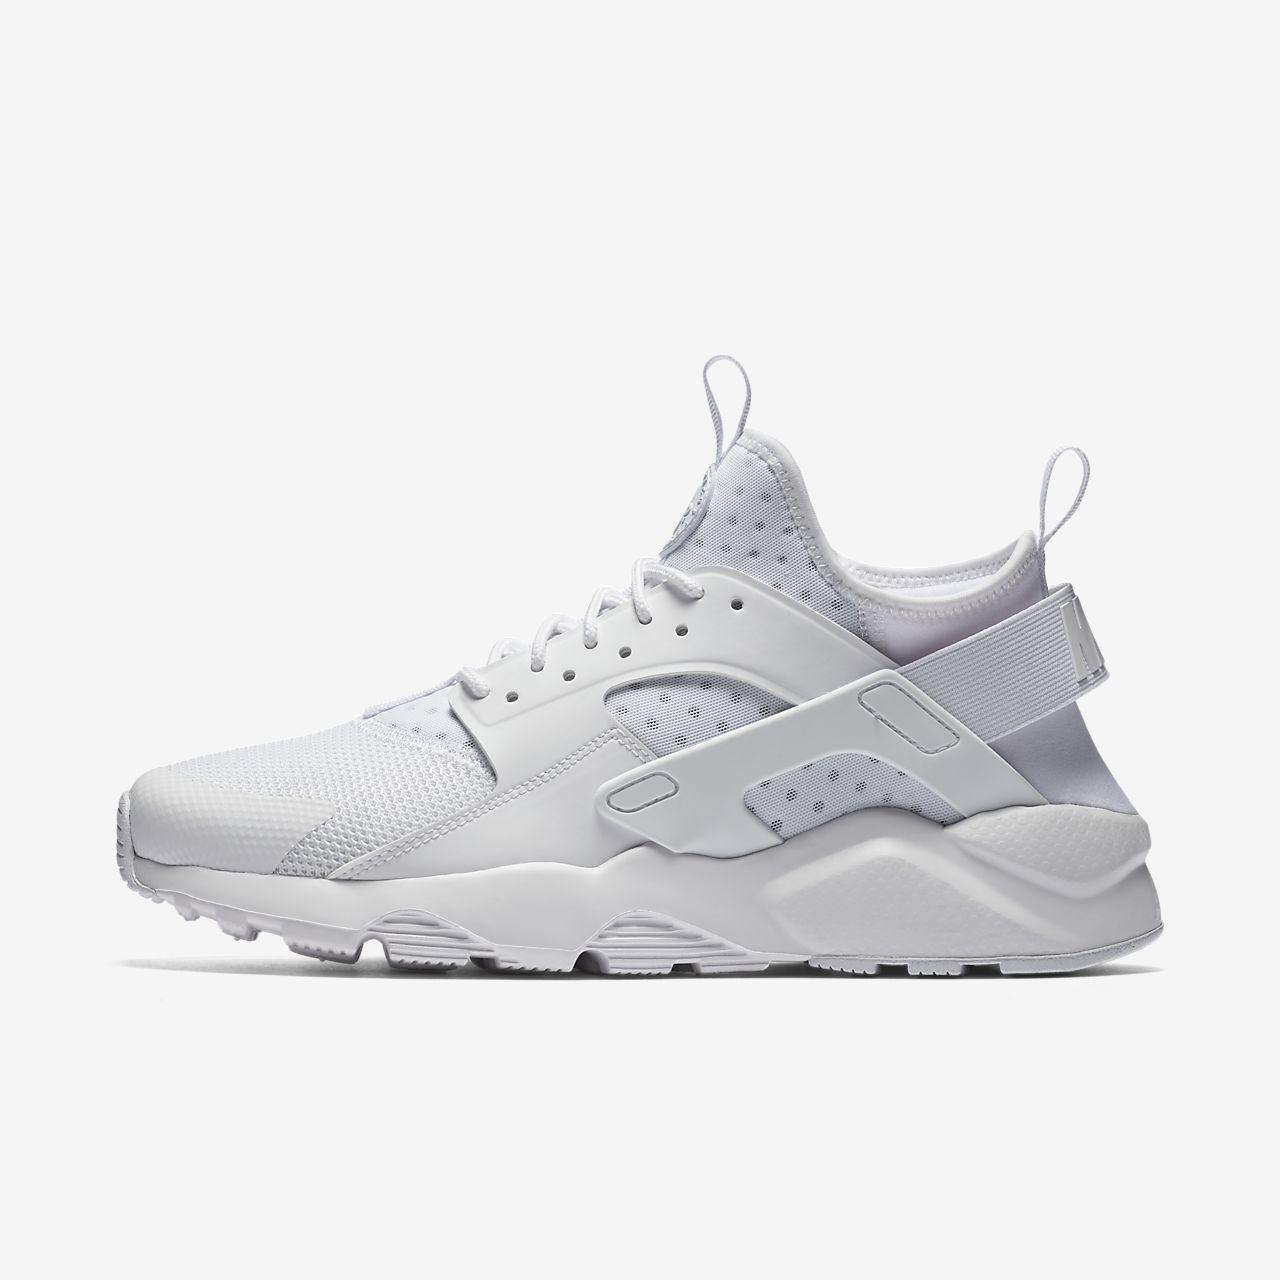 finest selection 98090 e02e0 ... Nike Air Huarache Ultra Zapatillas - Hombre